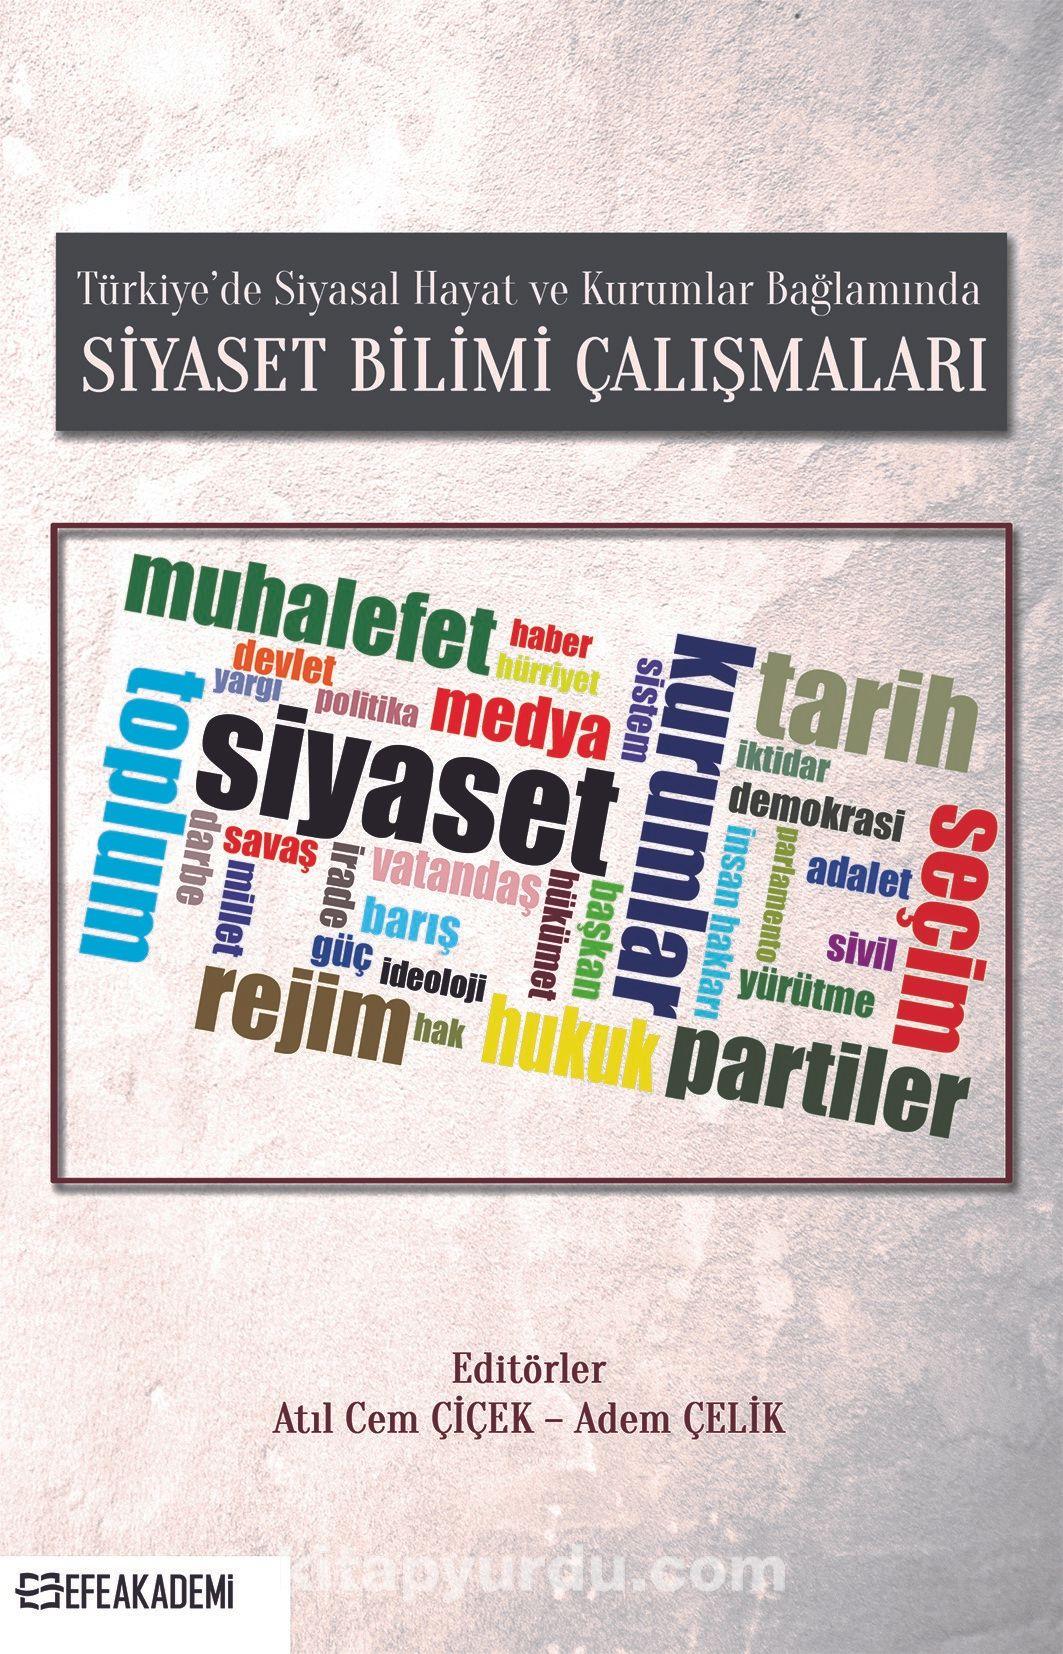 Türkiye'de Siyasal Hayat ve Kurumlar Bağlamında Siyaset Bilimi Çalışmaları PDF Kitap İndir